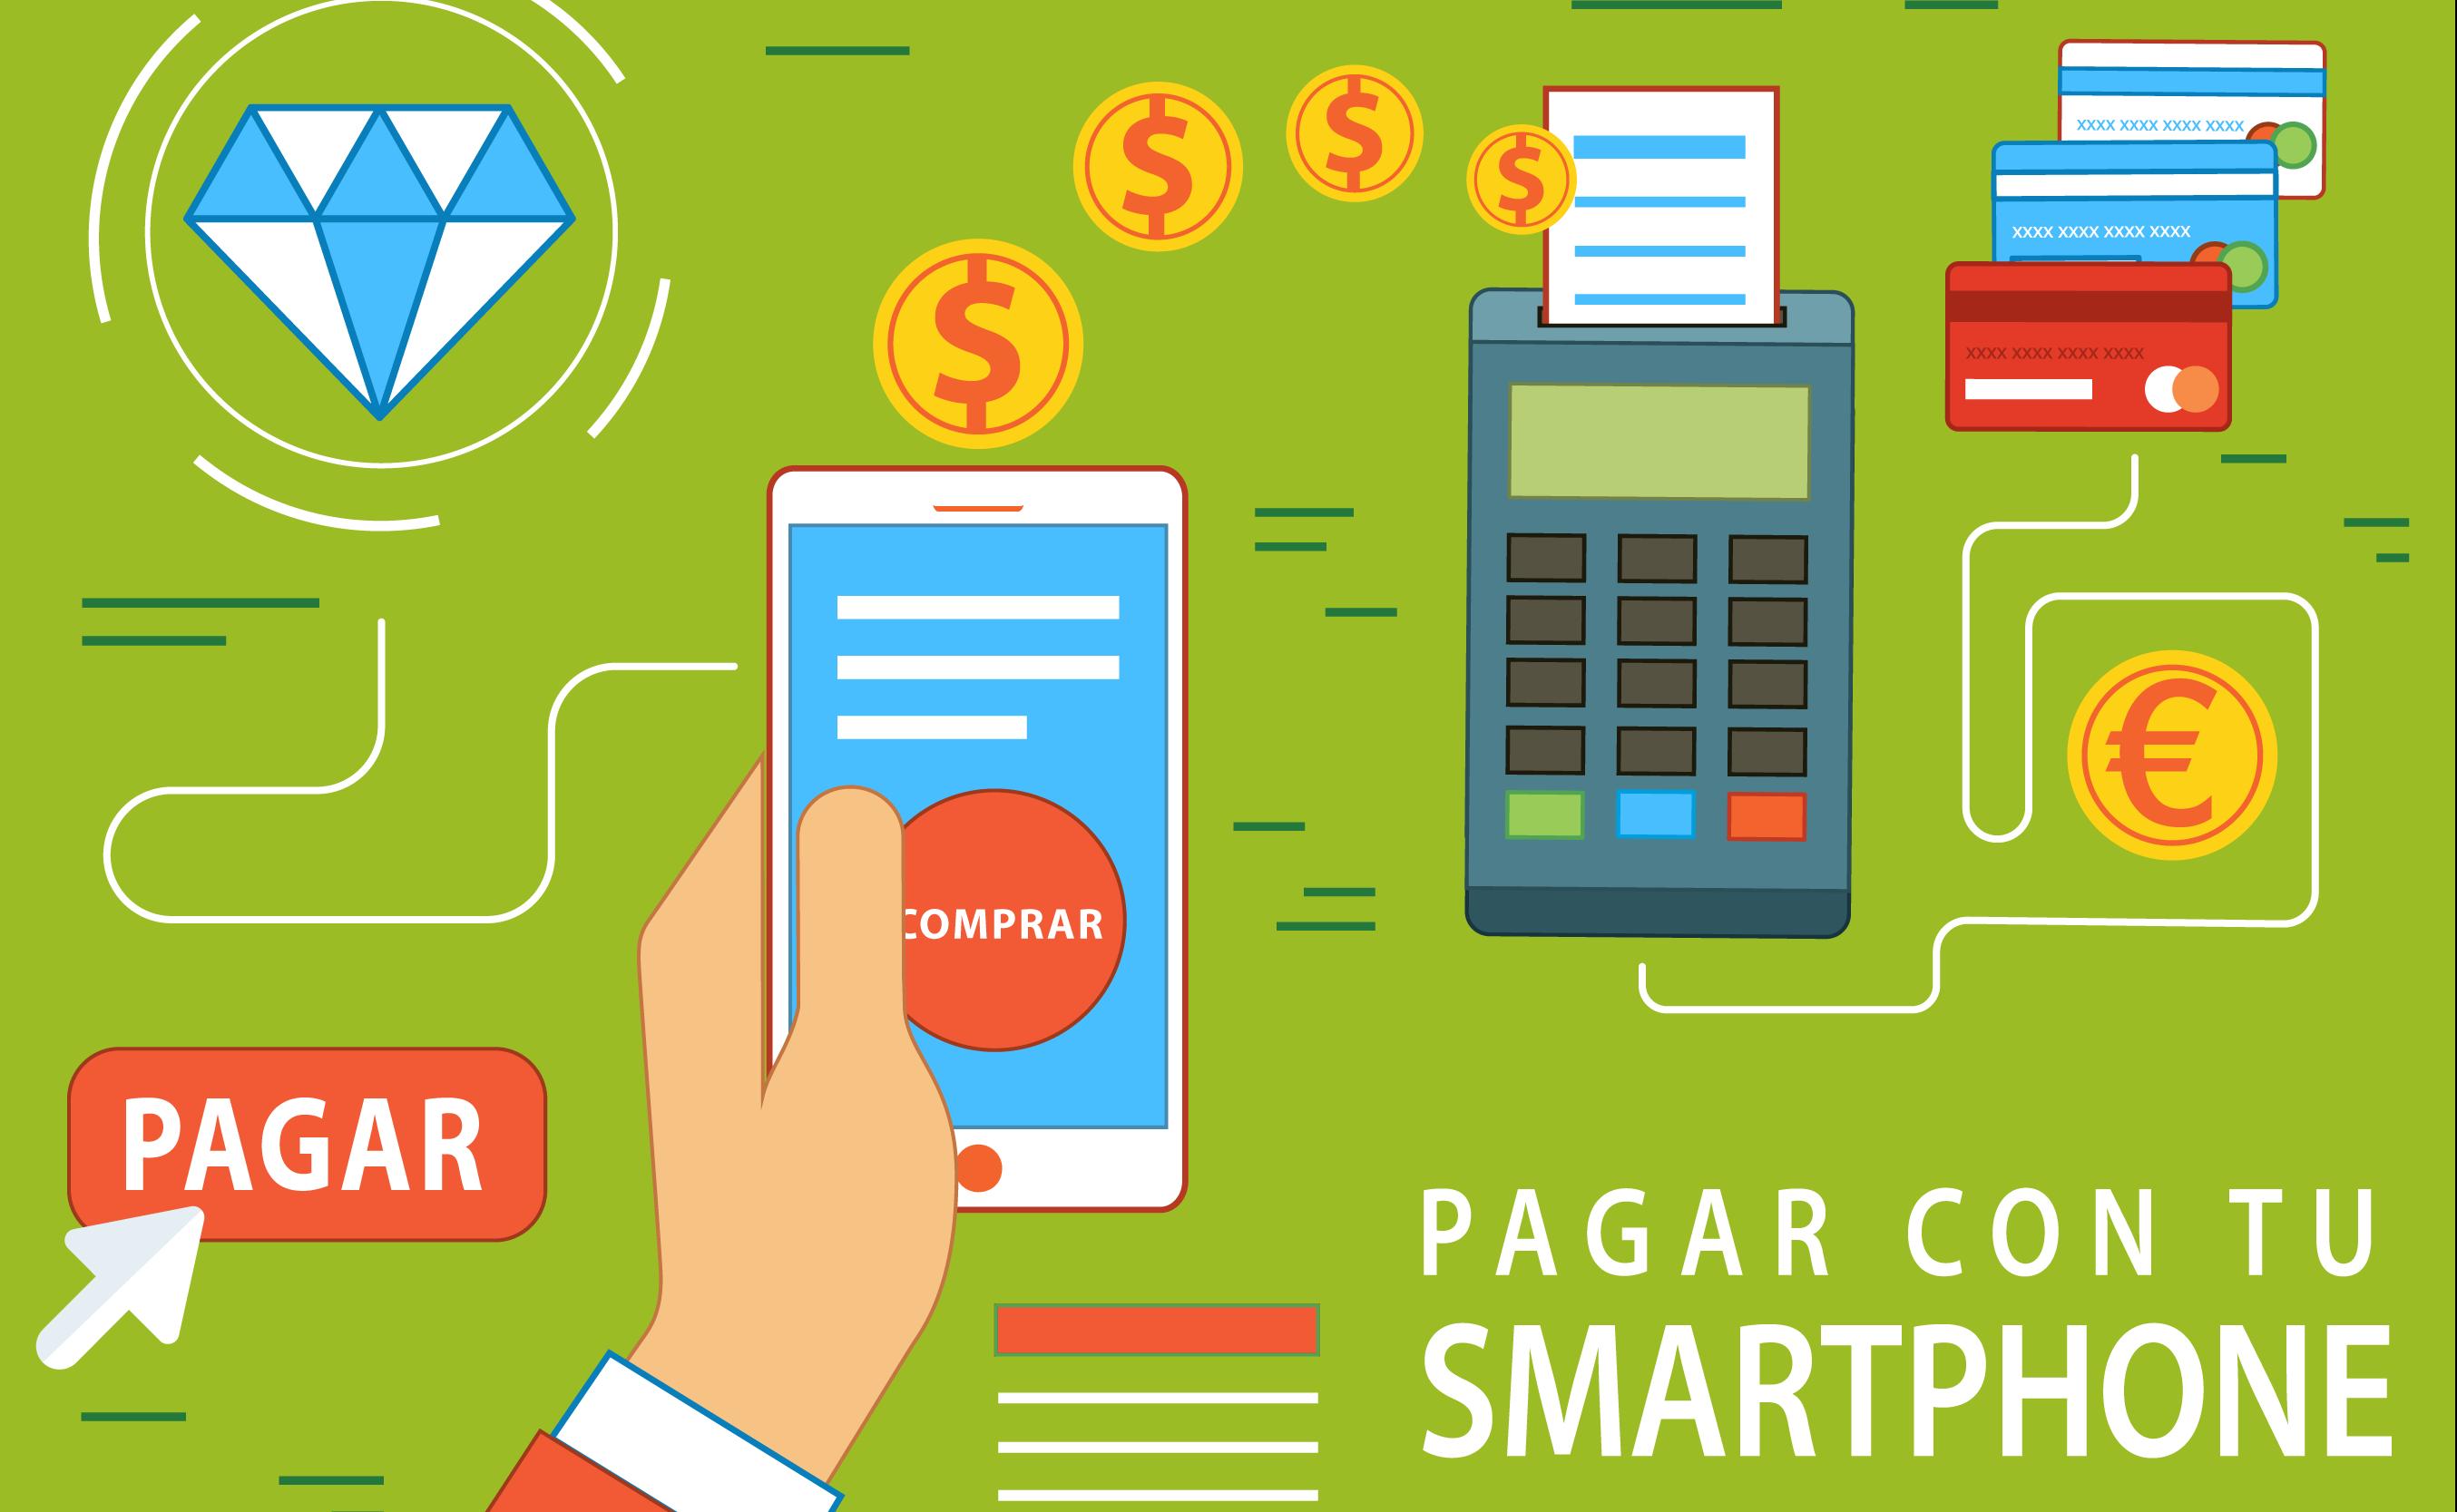 Pagar con tu smartphone